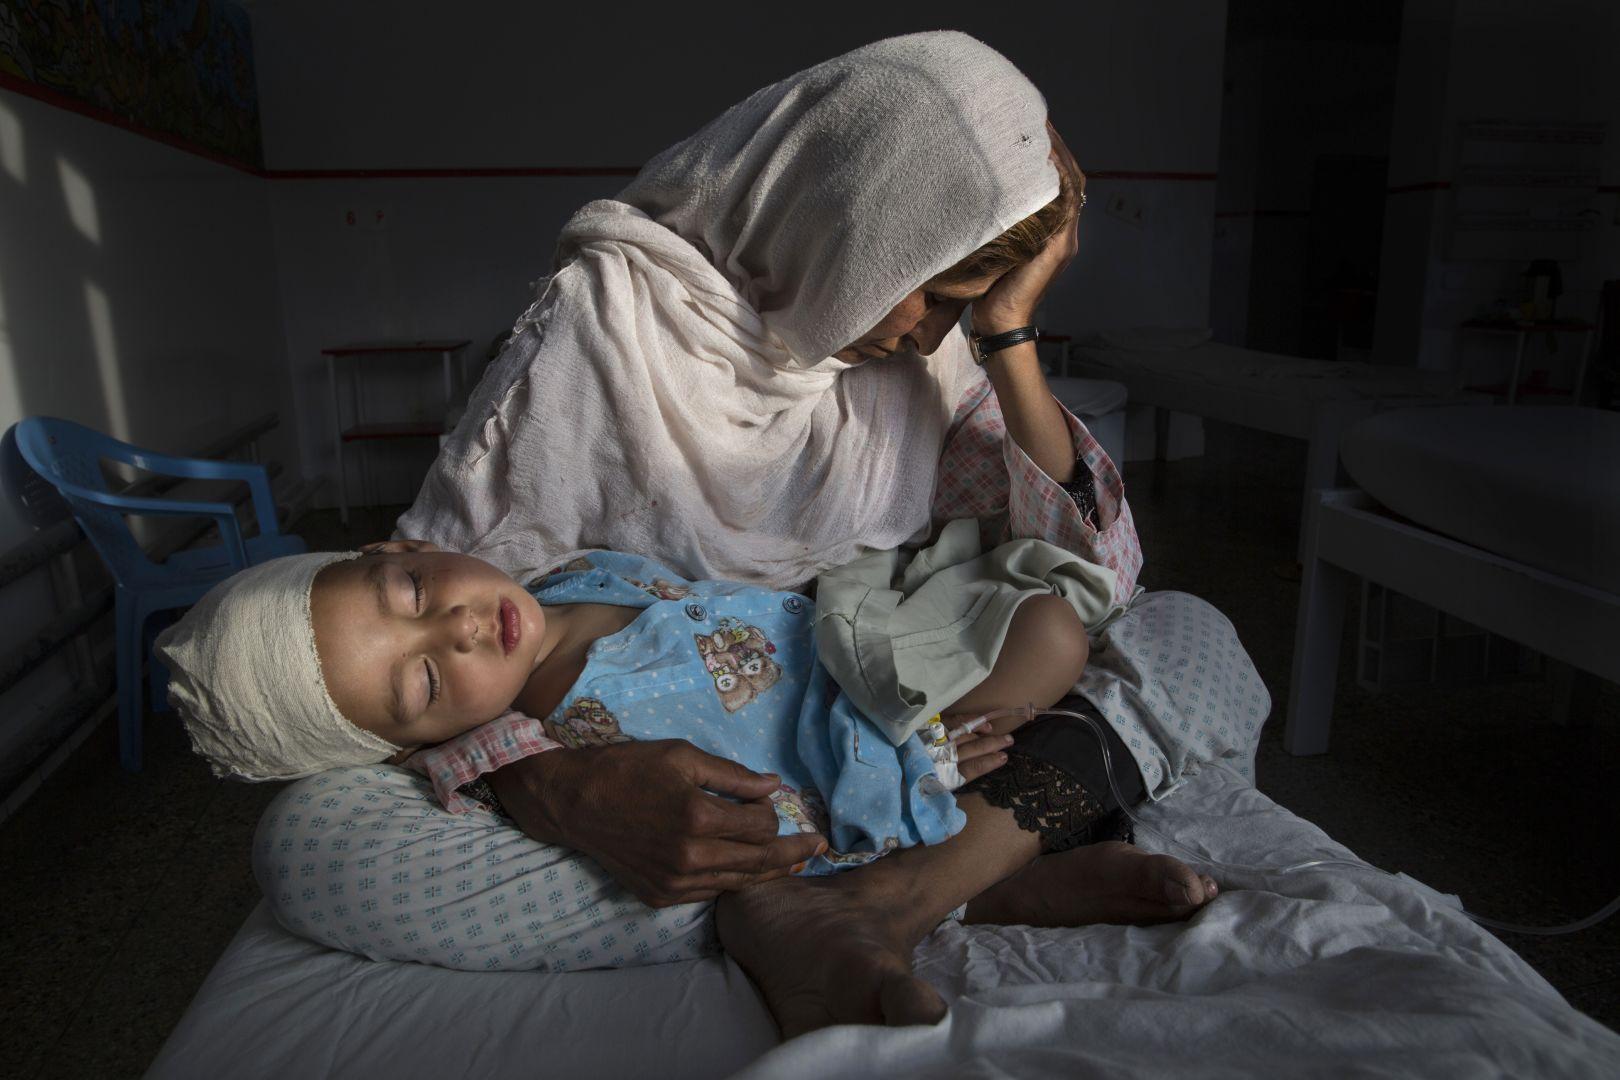 Тихие жертвы забытой войны, © Паула Бронштейн, США, Фотоконкурс World Press Photo